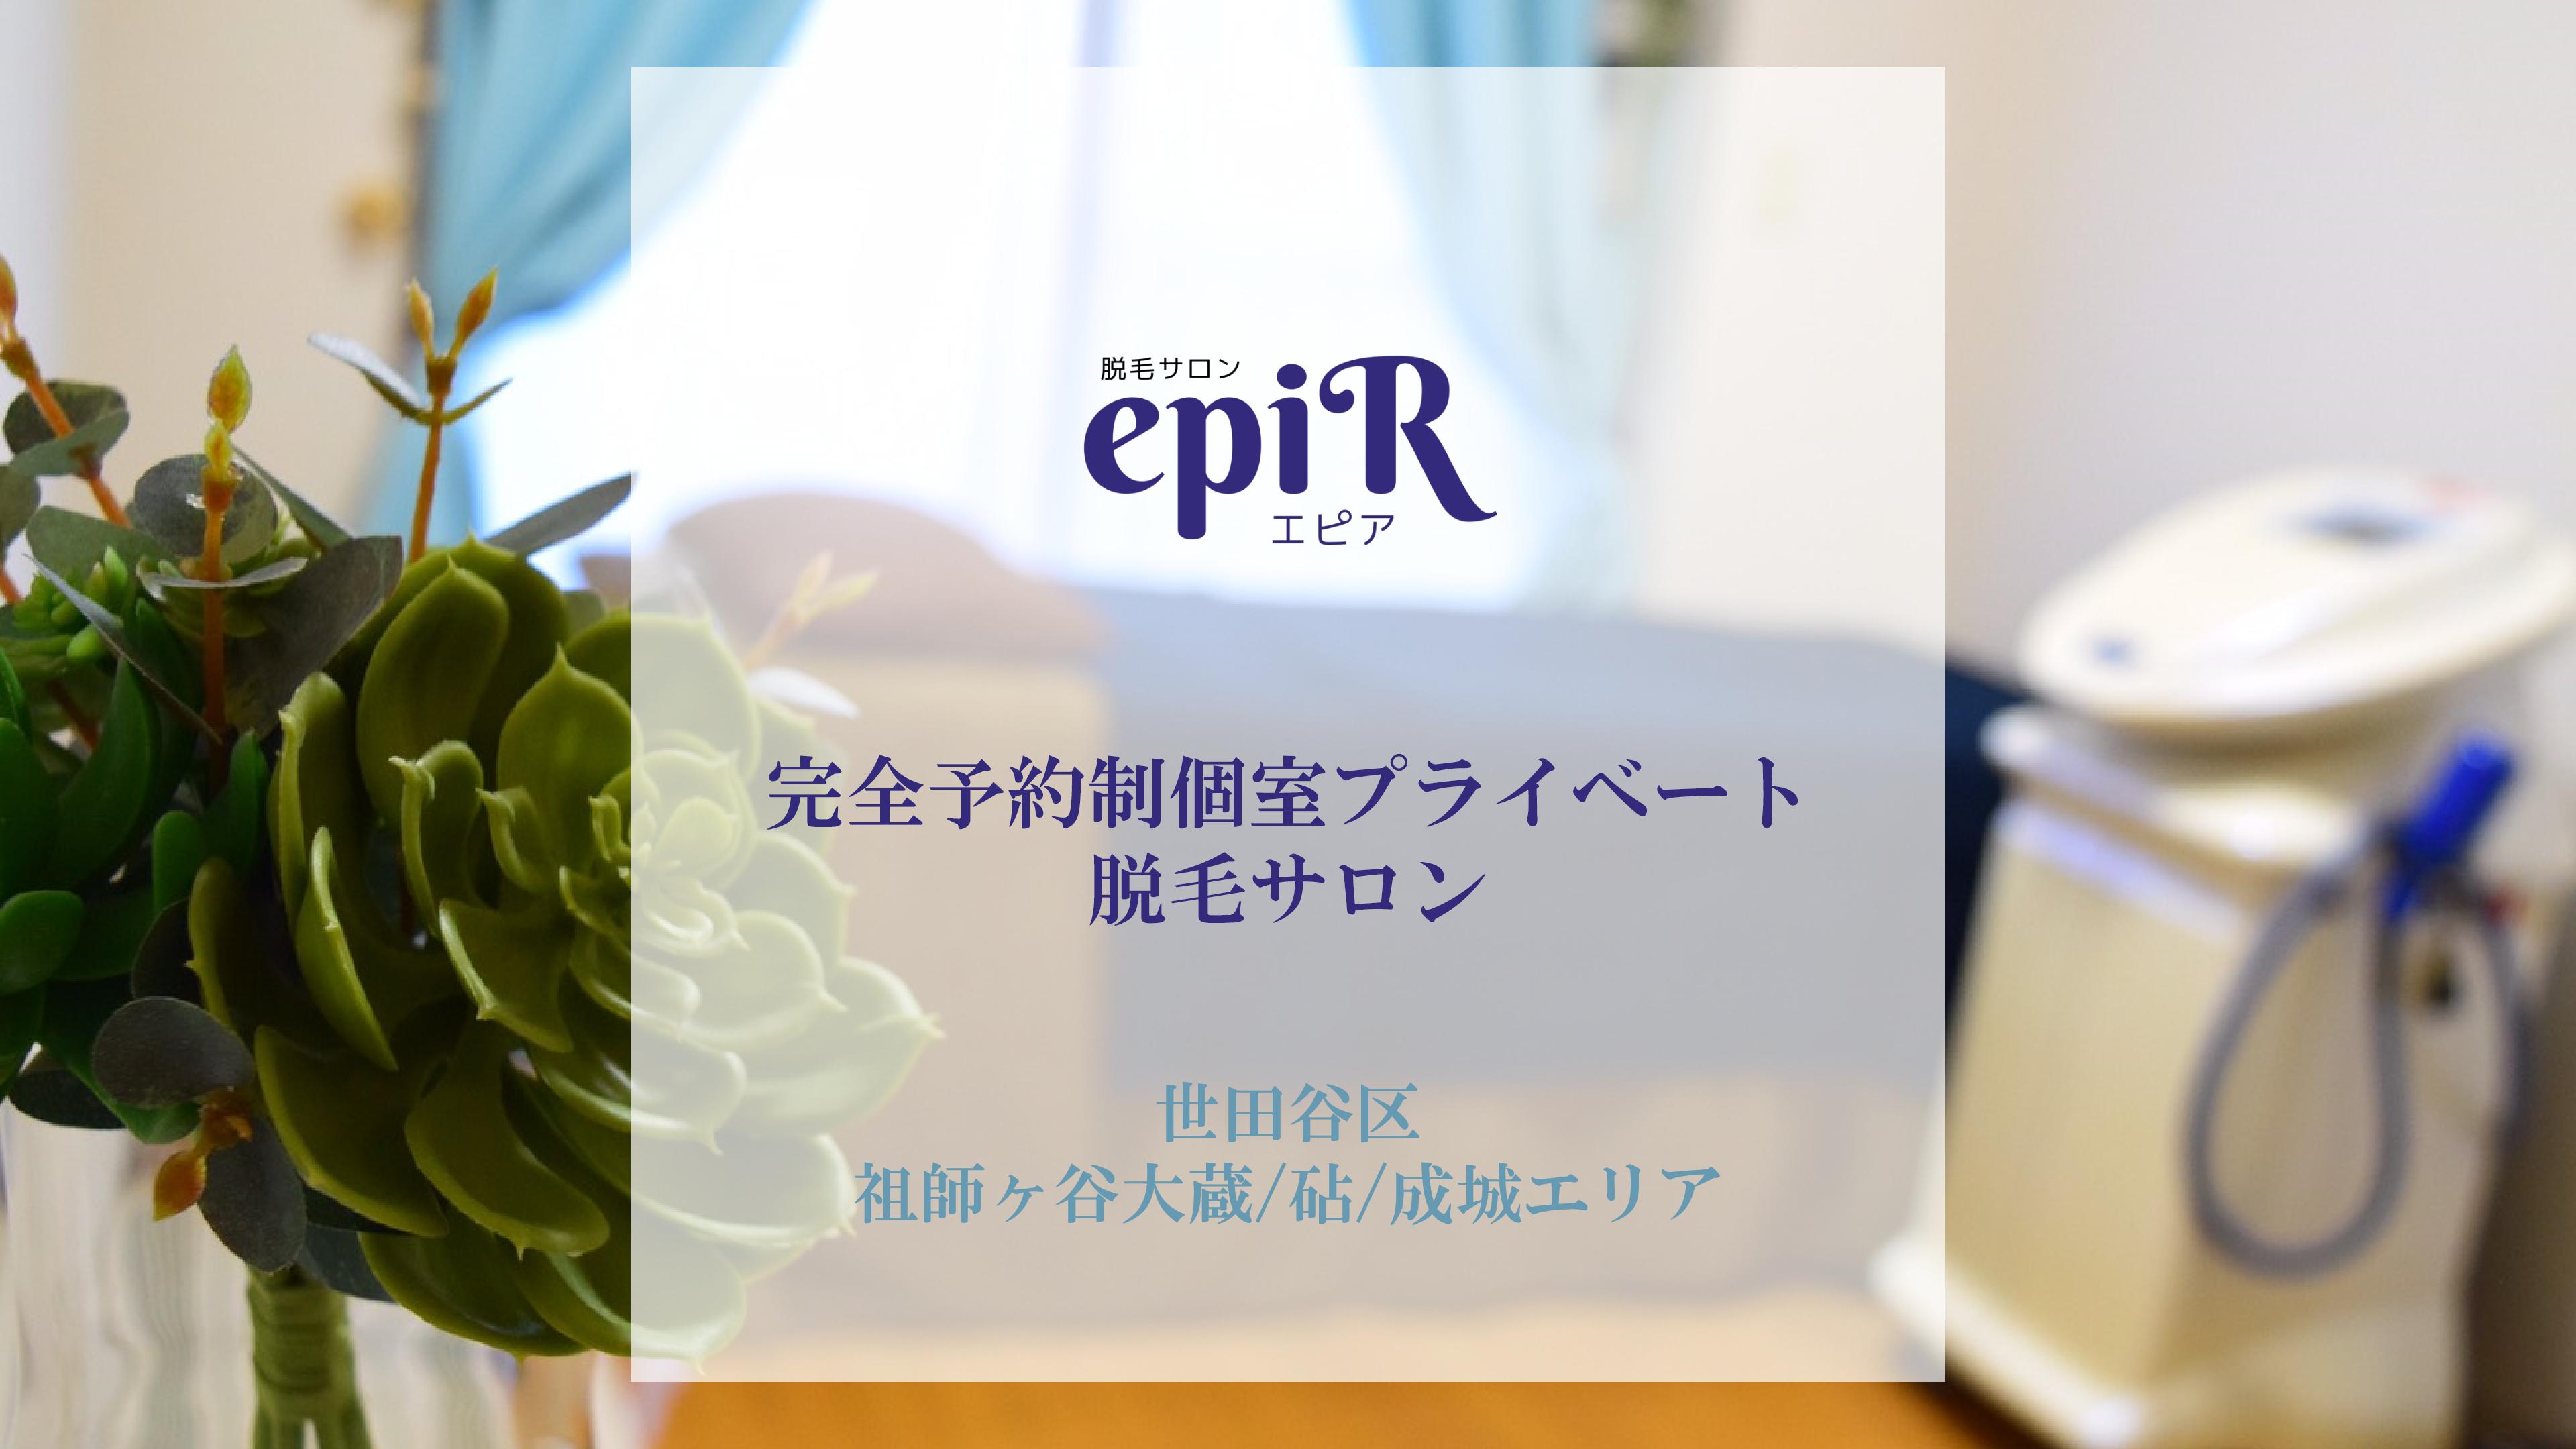 epiR エピア